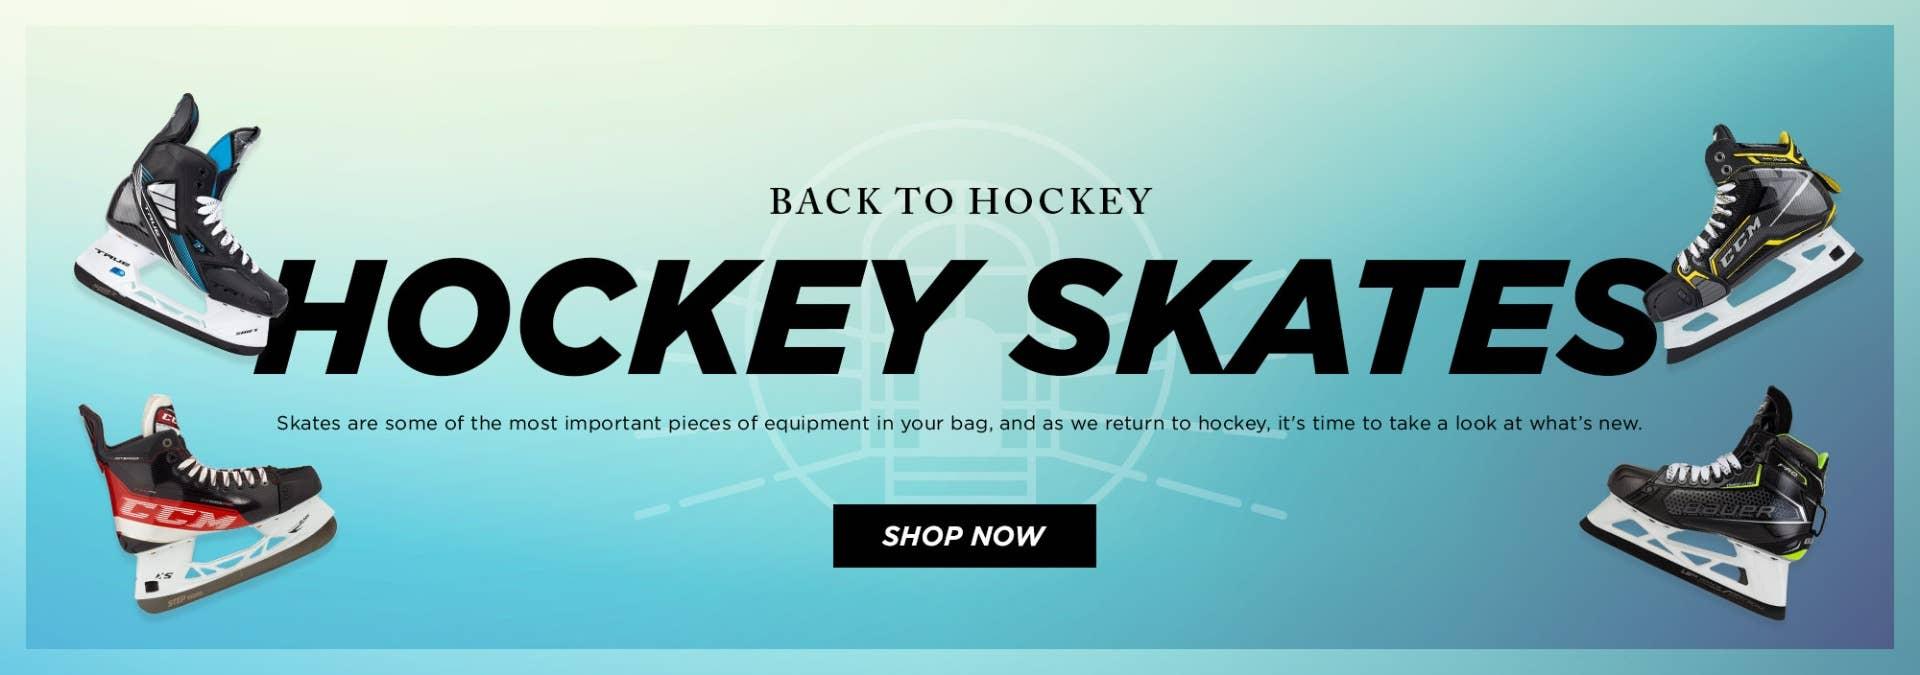 Back to Hockey: skates